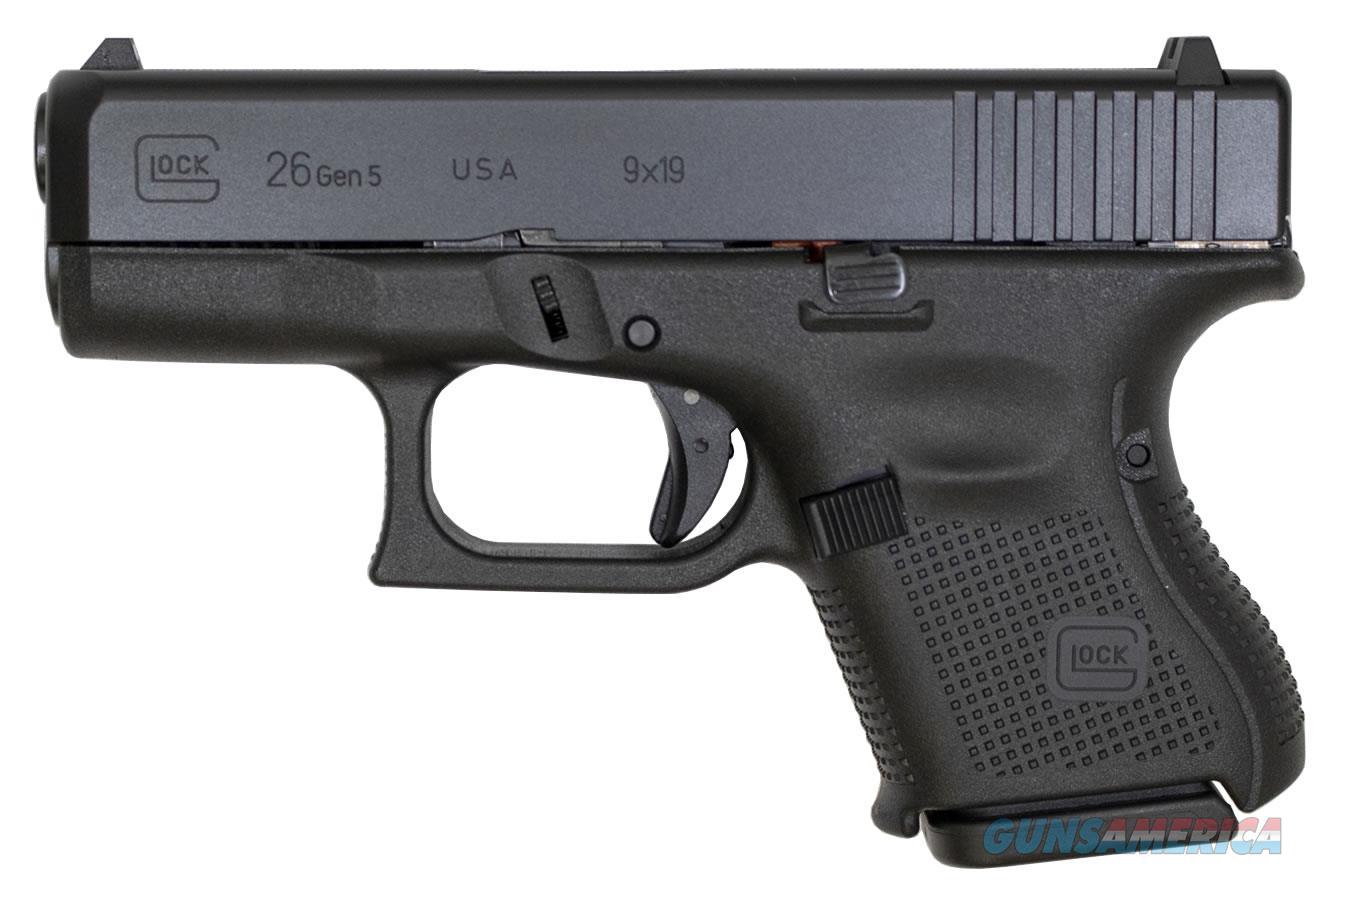 """Glock 26 Gen5 UA2650201 NIB 9 MM 3.43""""BBL 10+1 BLK  Guns > Pistols > Glock Pistols > 26/27"""